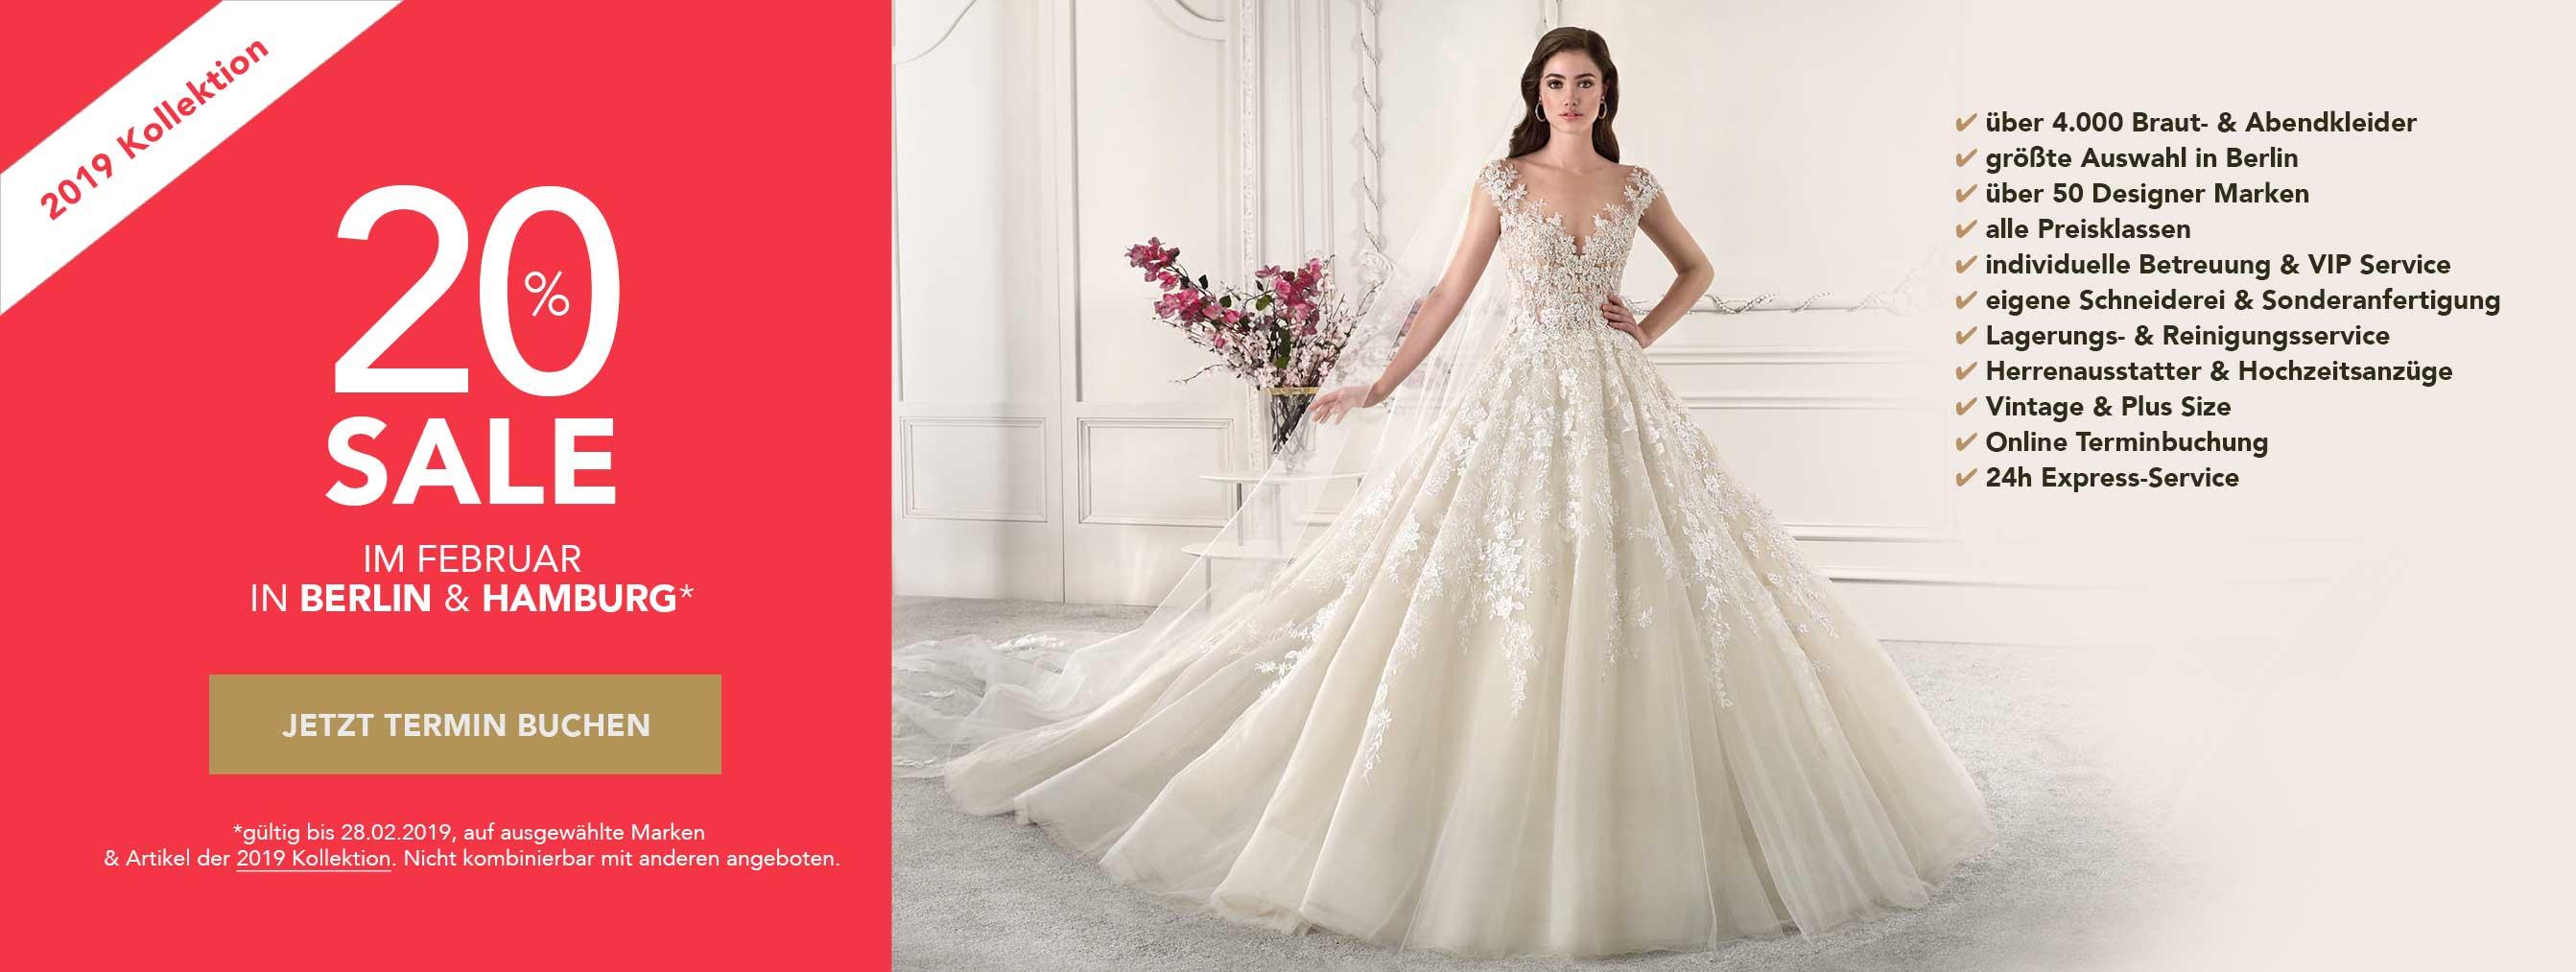 Balayi Brautmoden - Brautkleider und Hochzeitskleider in Berlin und Hamburg